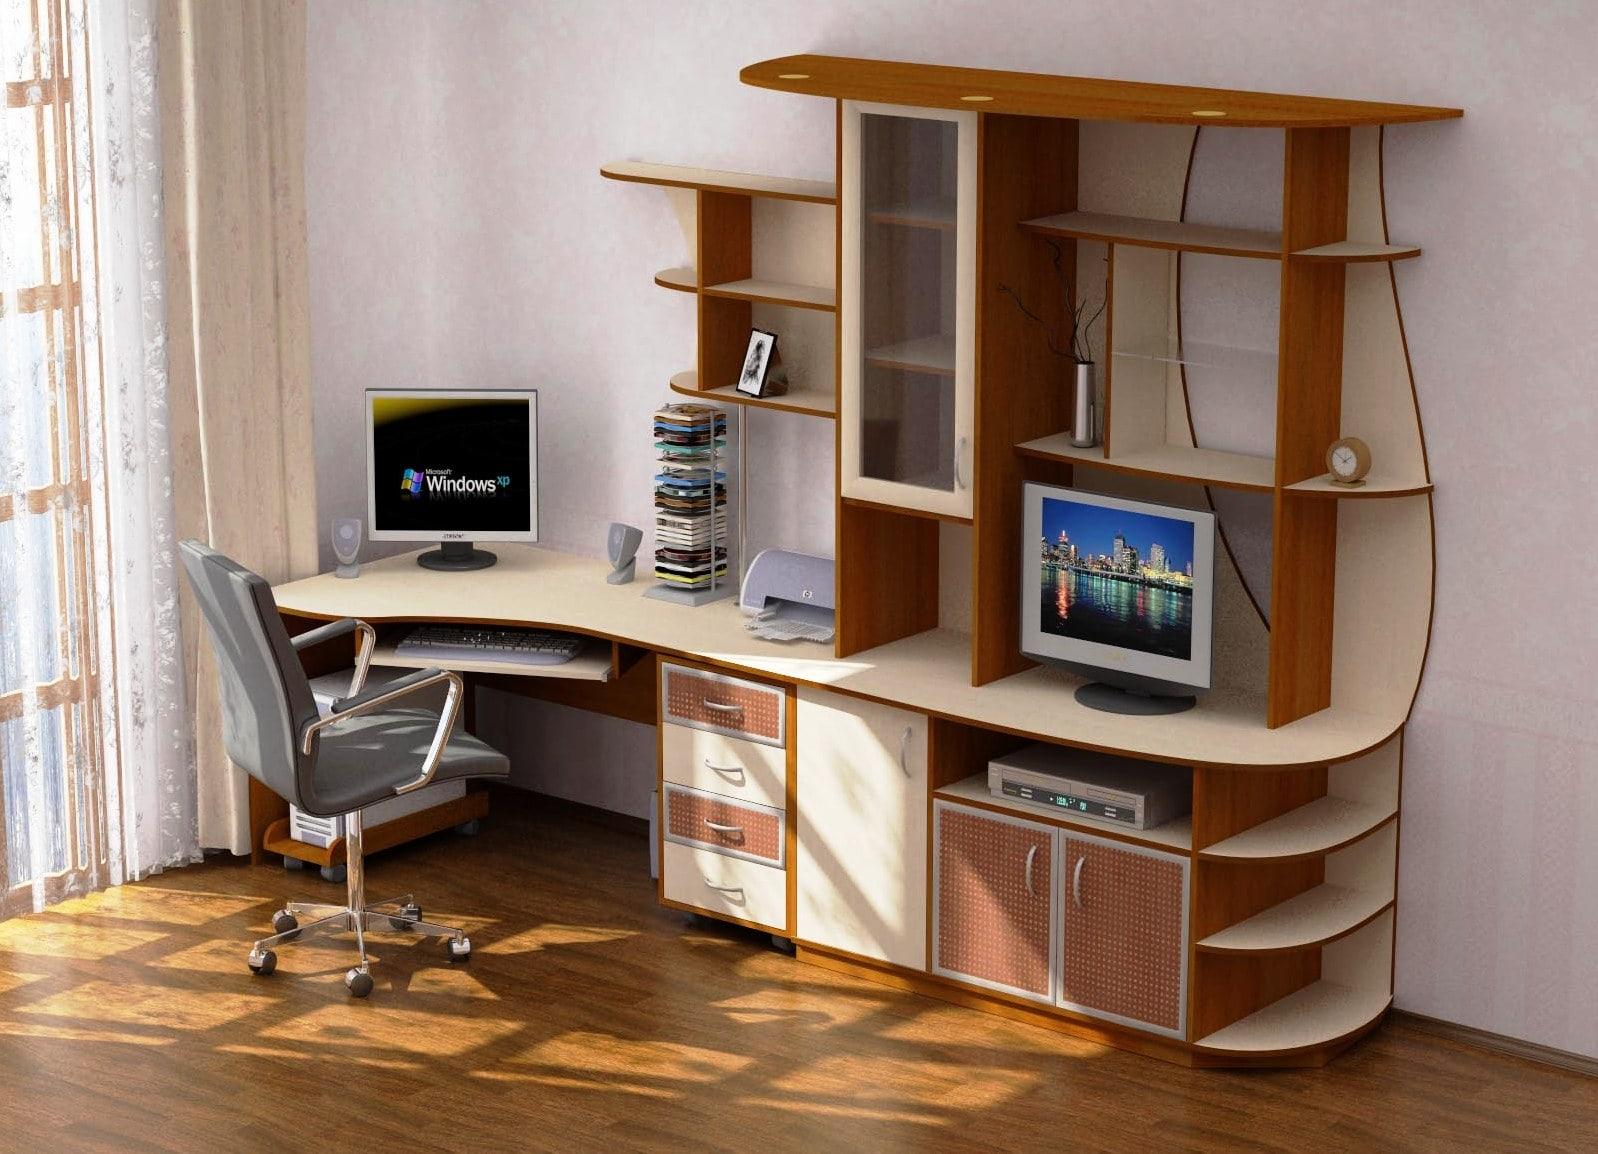 kompyuternyj-stol-s-nadstrojkoj-1